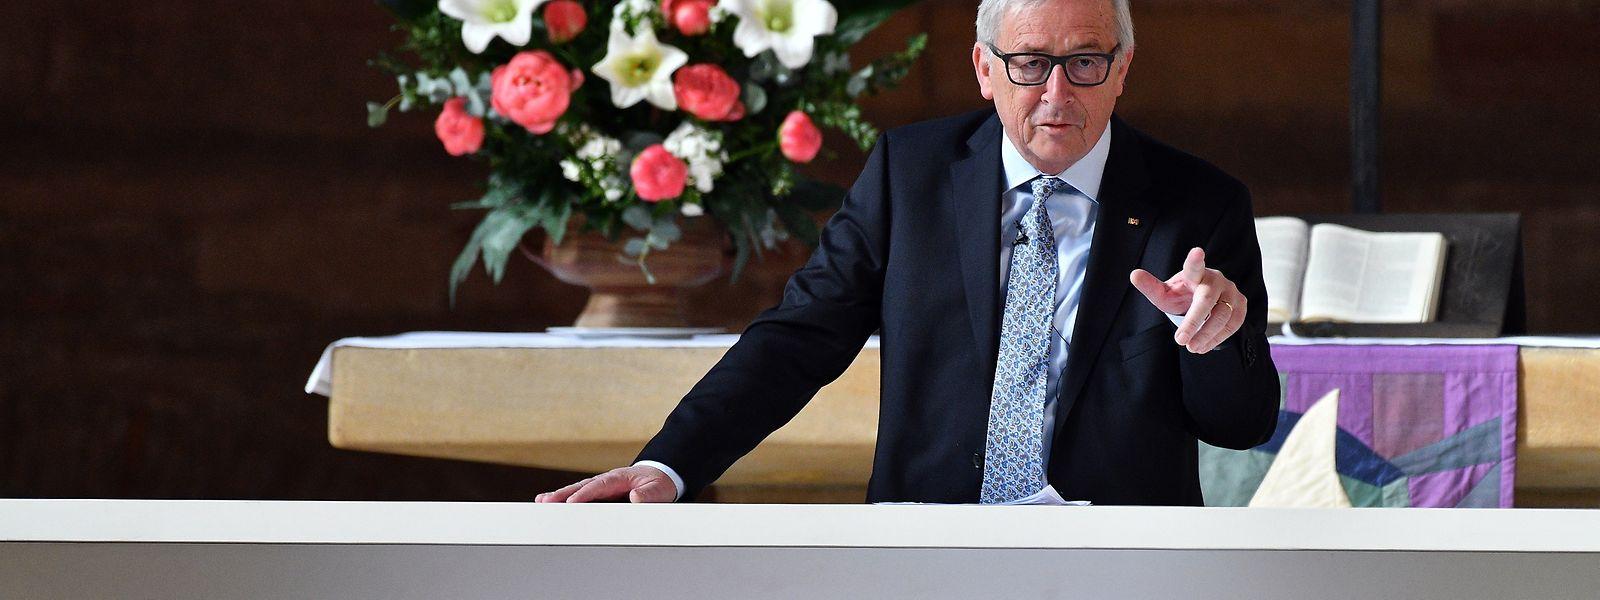 """Juncker: """"Die Verbrechen an Millionen von Menschen, die im 20. Jahrhundert in seinem Namen begangen wurden, können ihm nicht angelastet werden."""""""